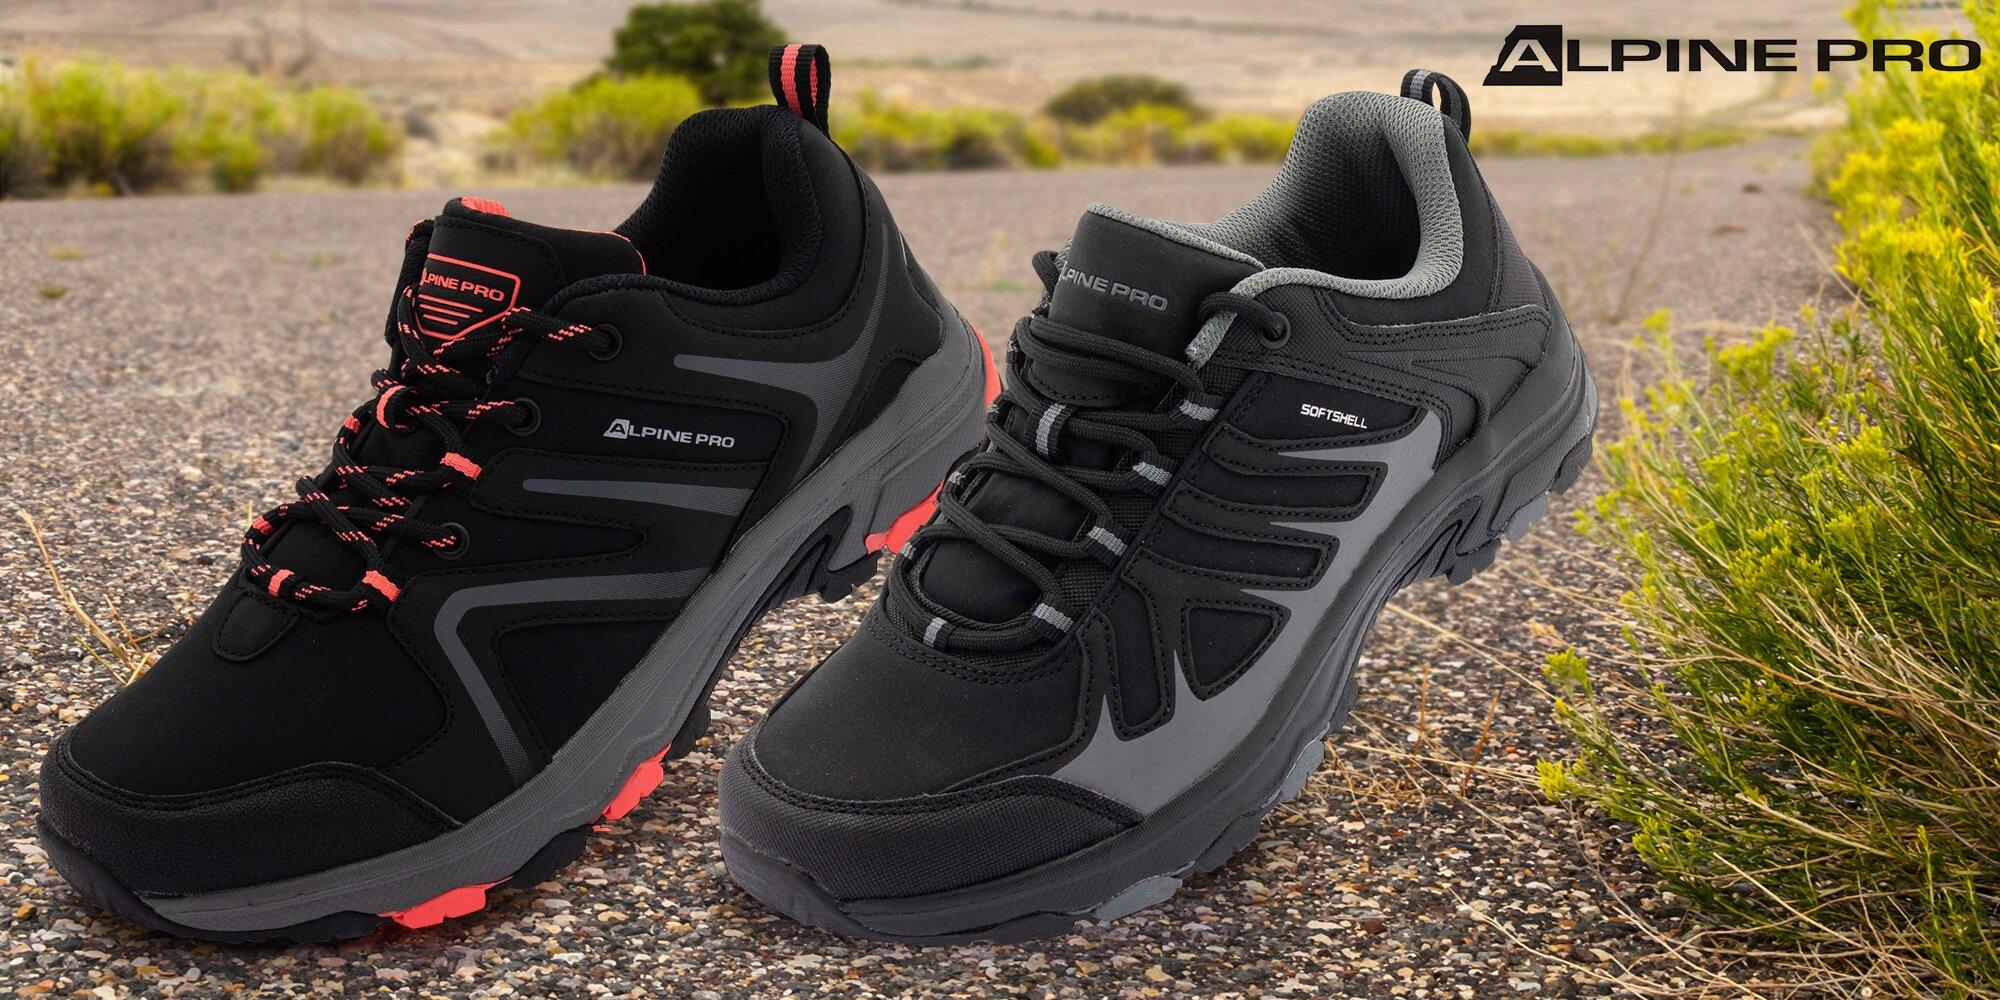 b2de35fc3151 Dámské a pánské outdoorové boty Alpine Pro